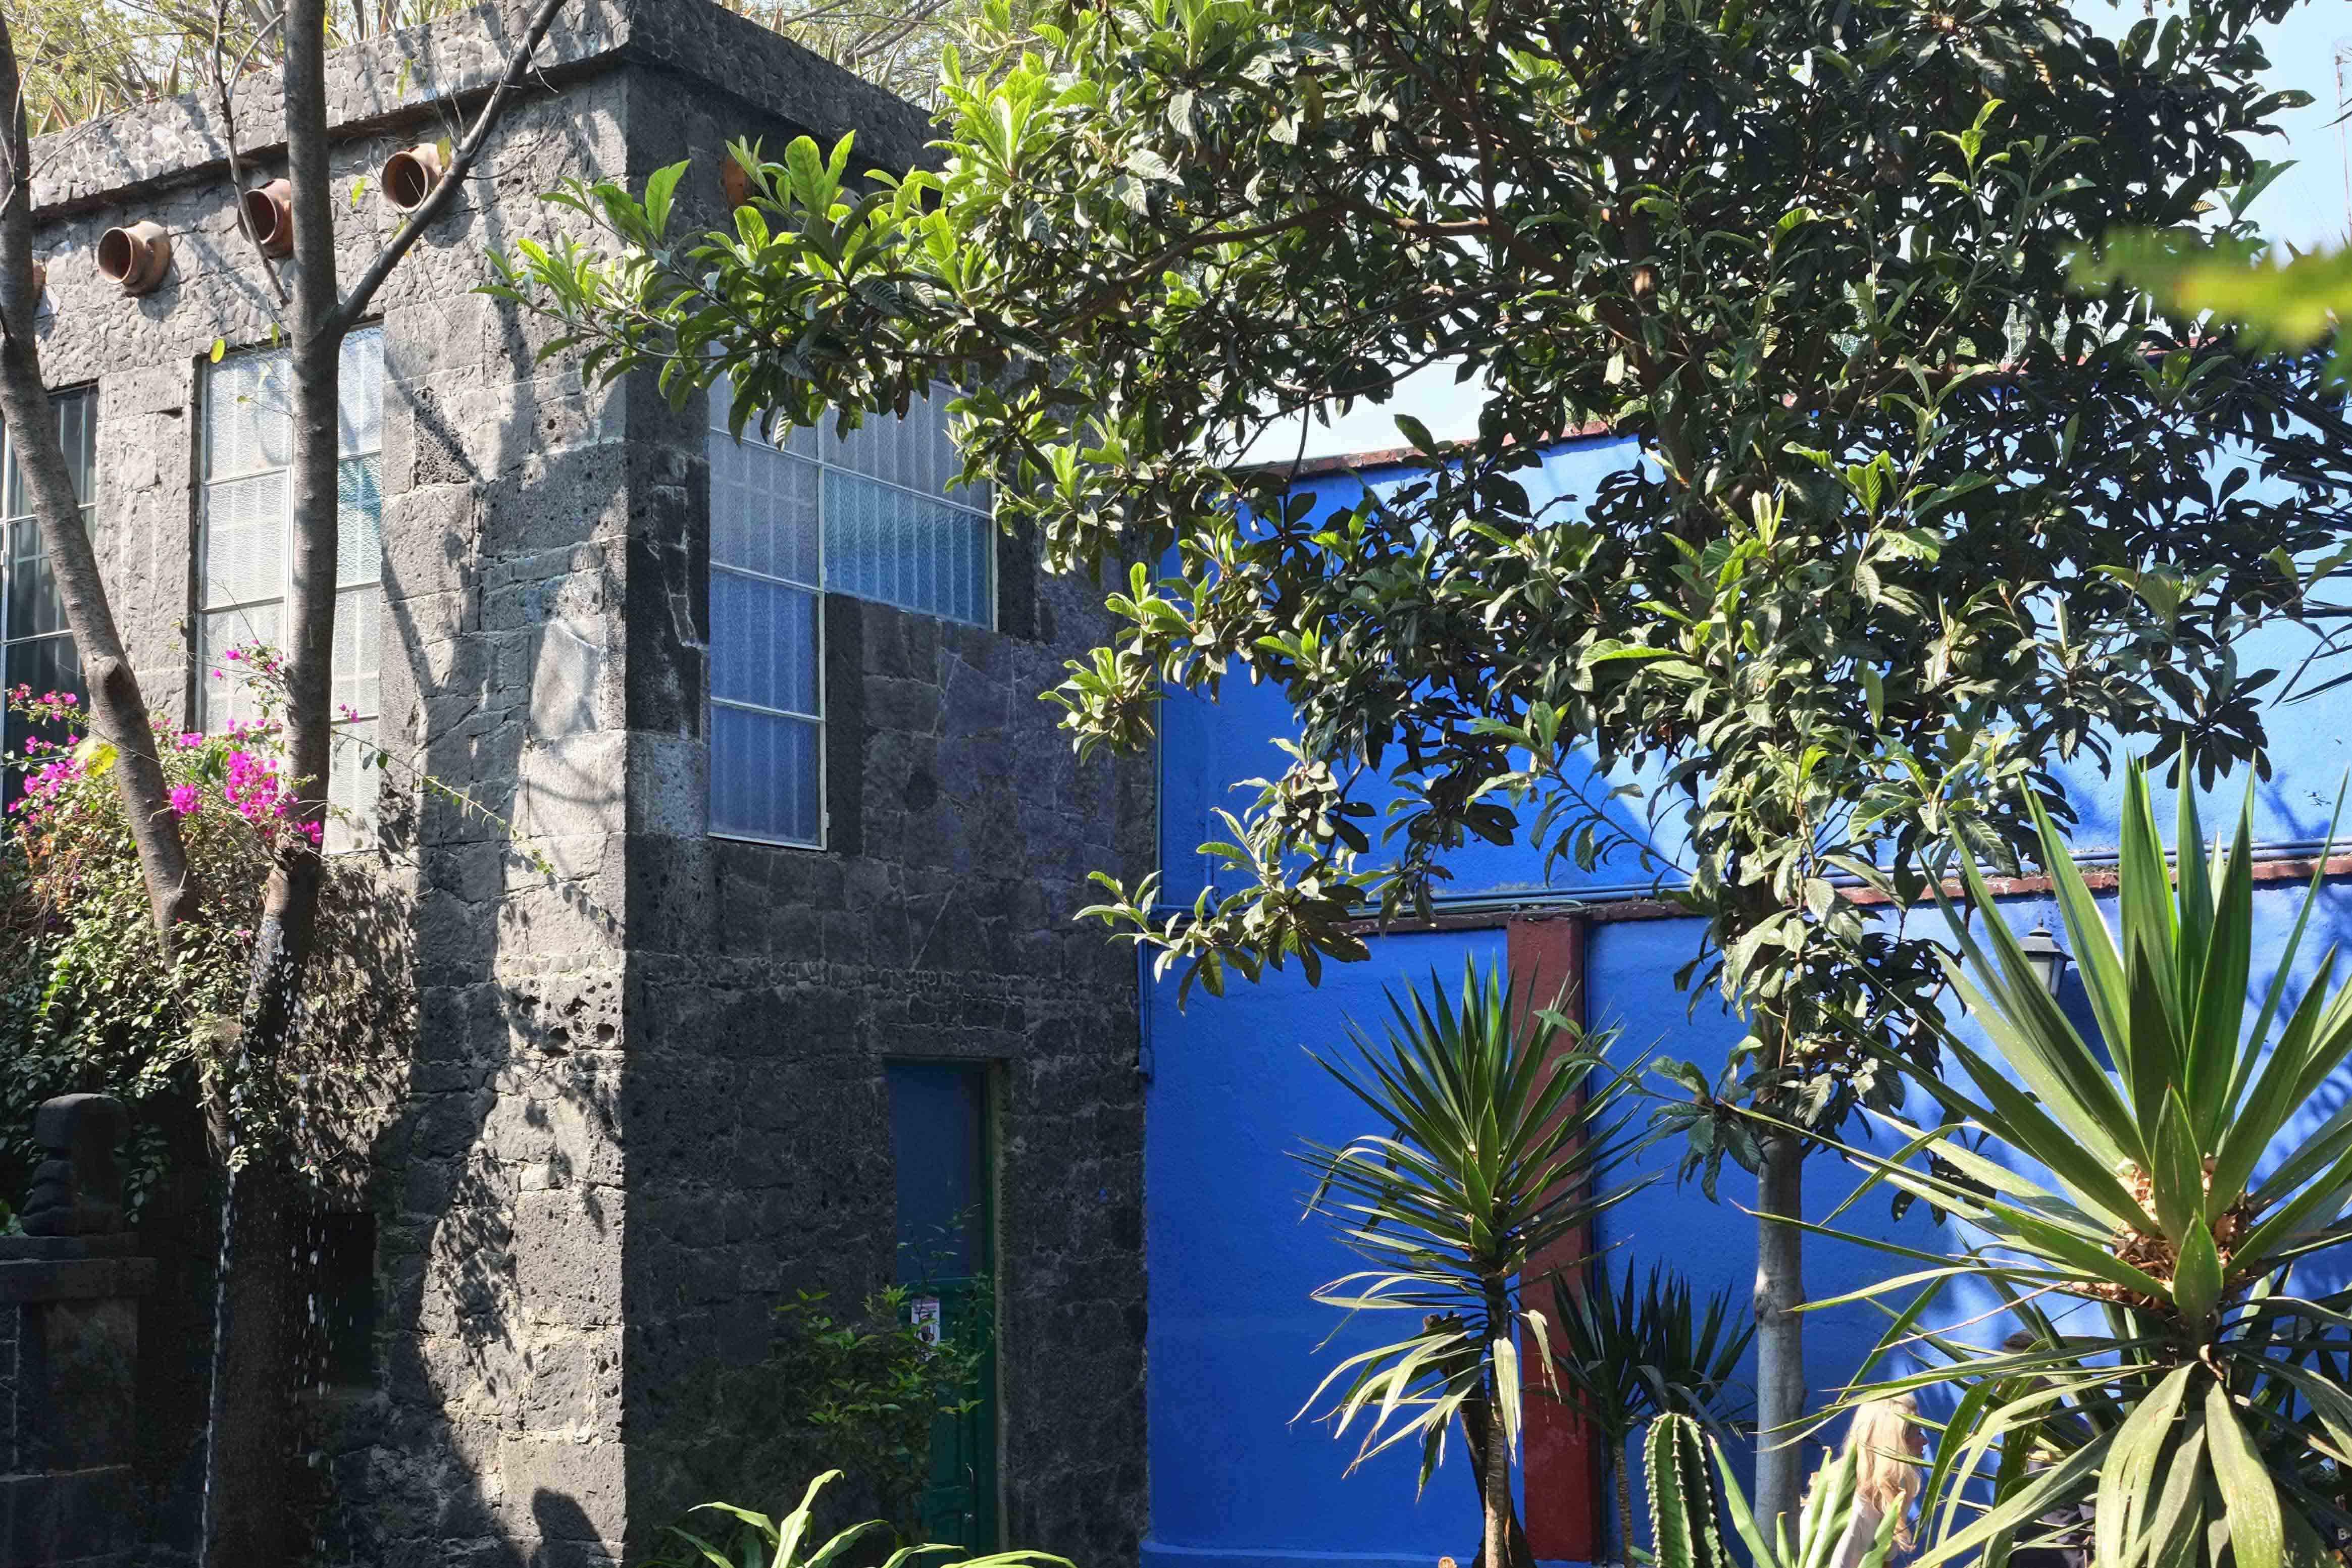 La_Casa_Azul_4_fot.anna_stec